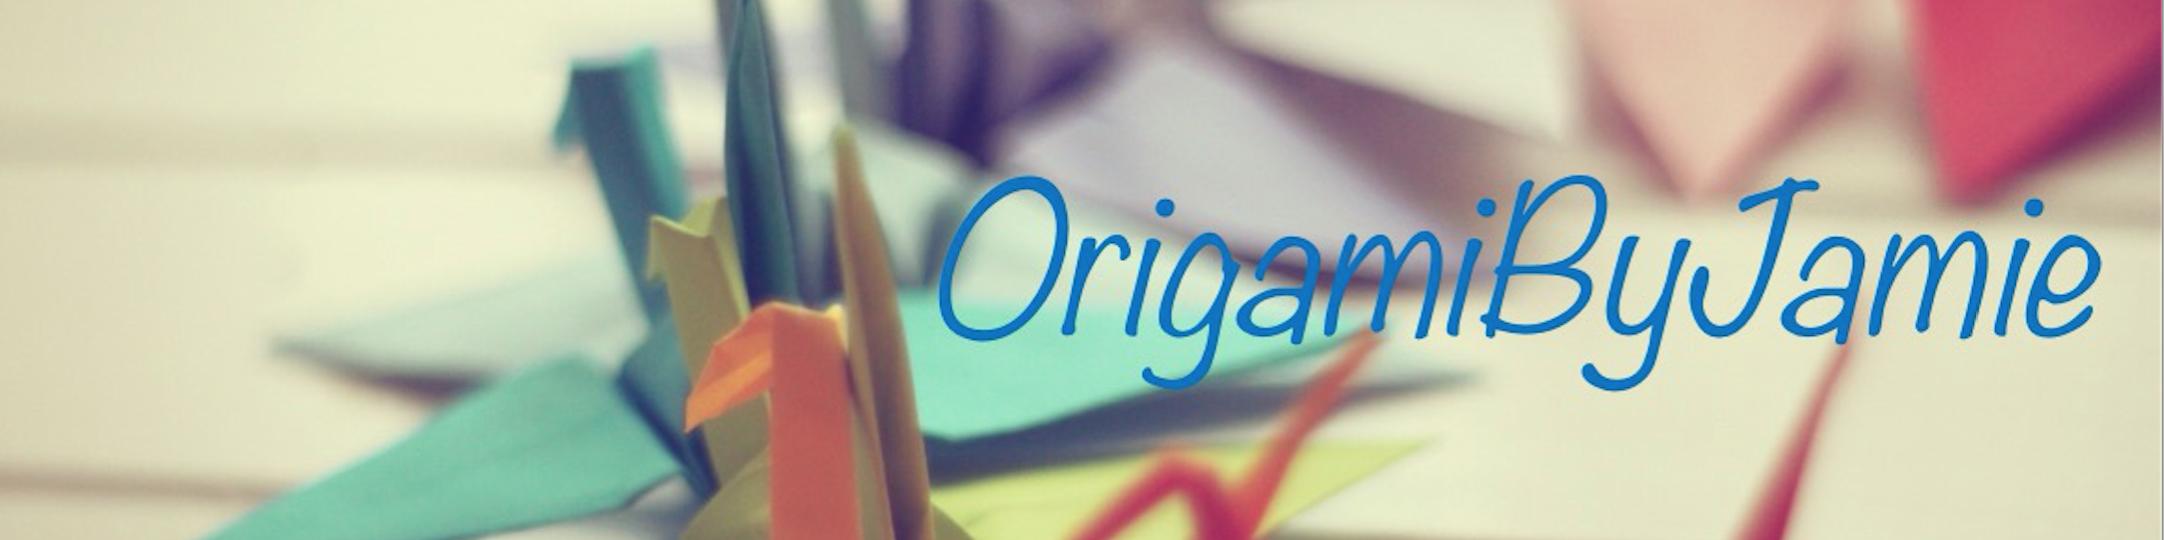 OrigamibyJamie